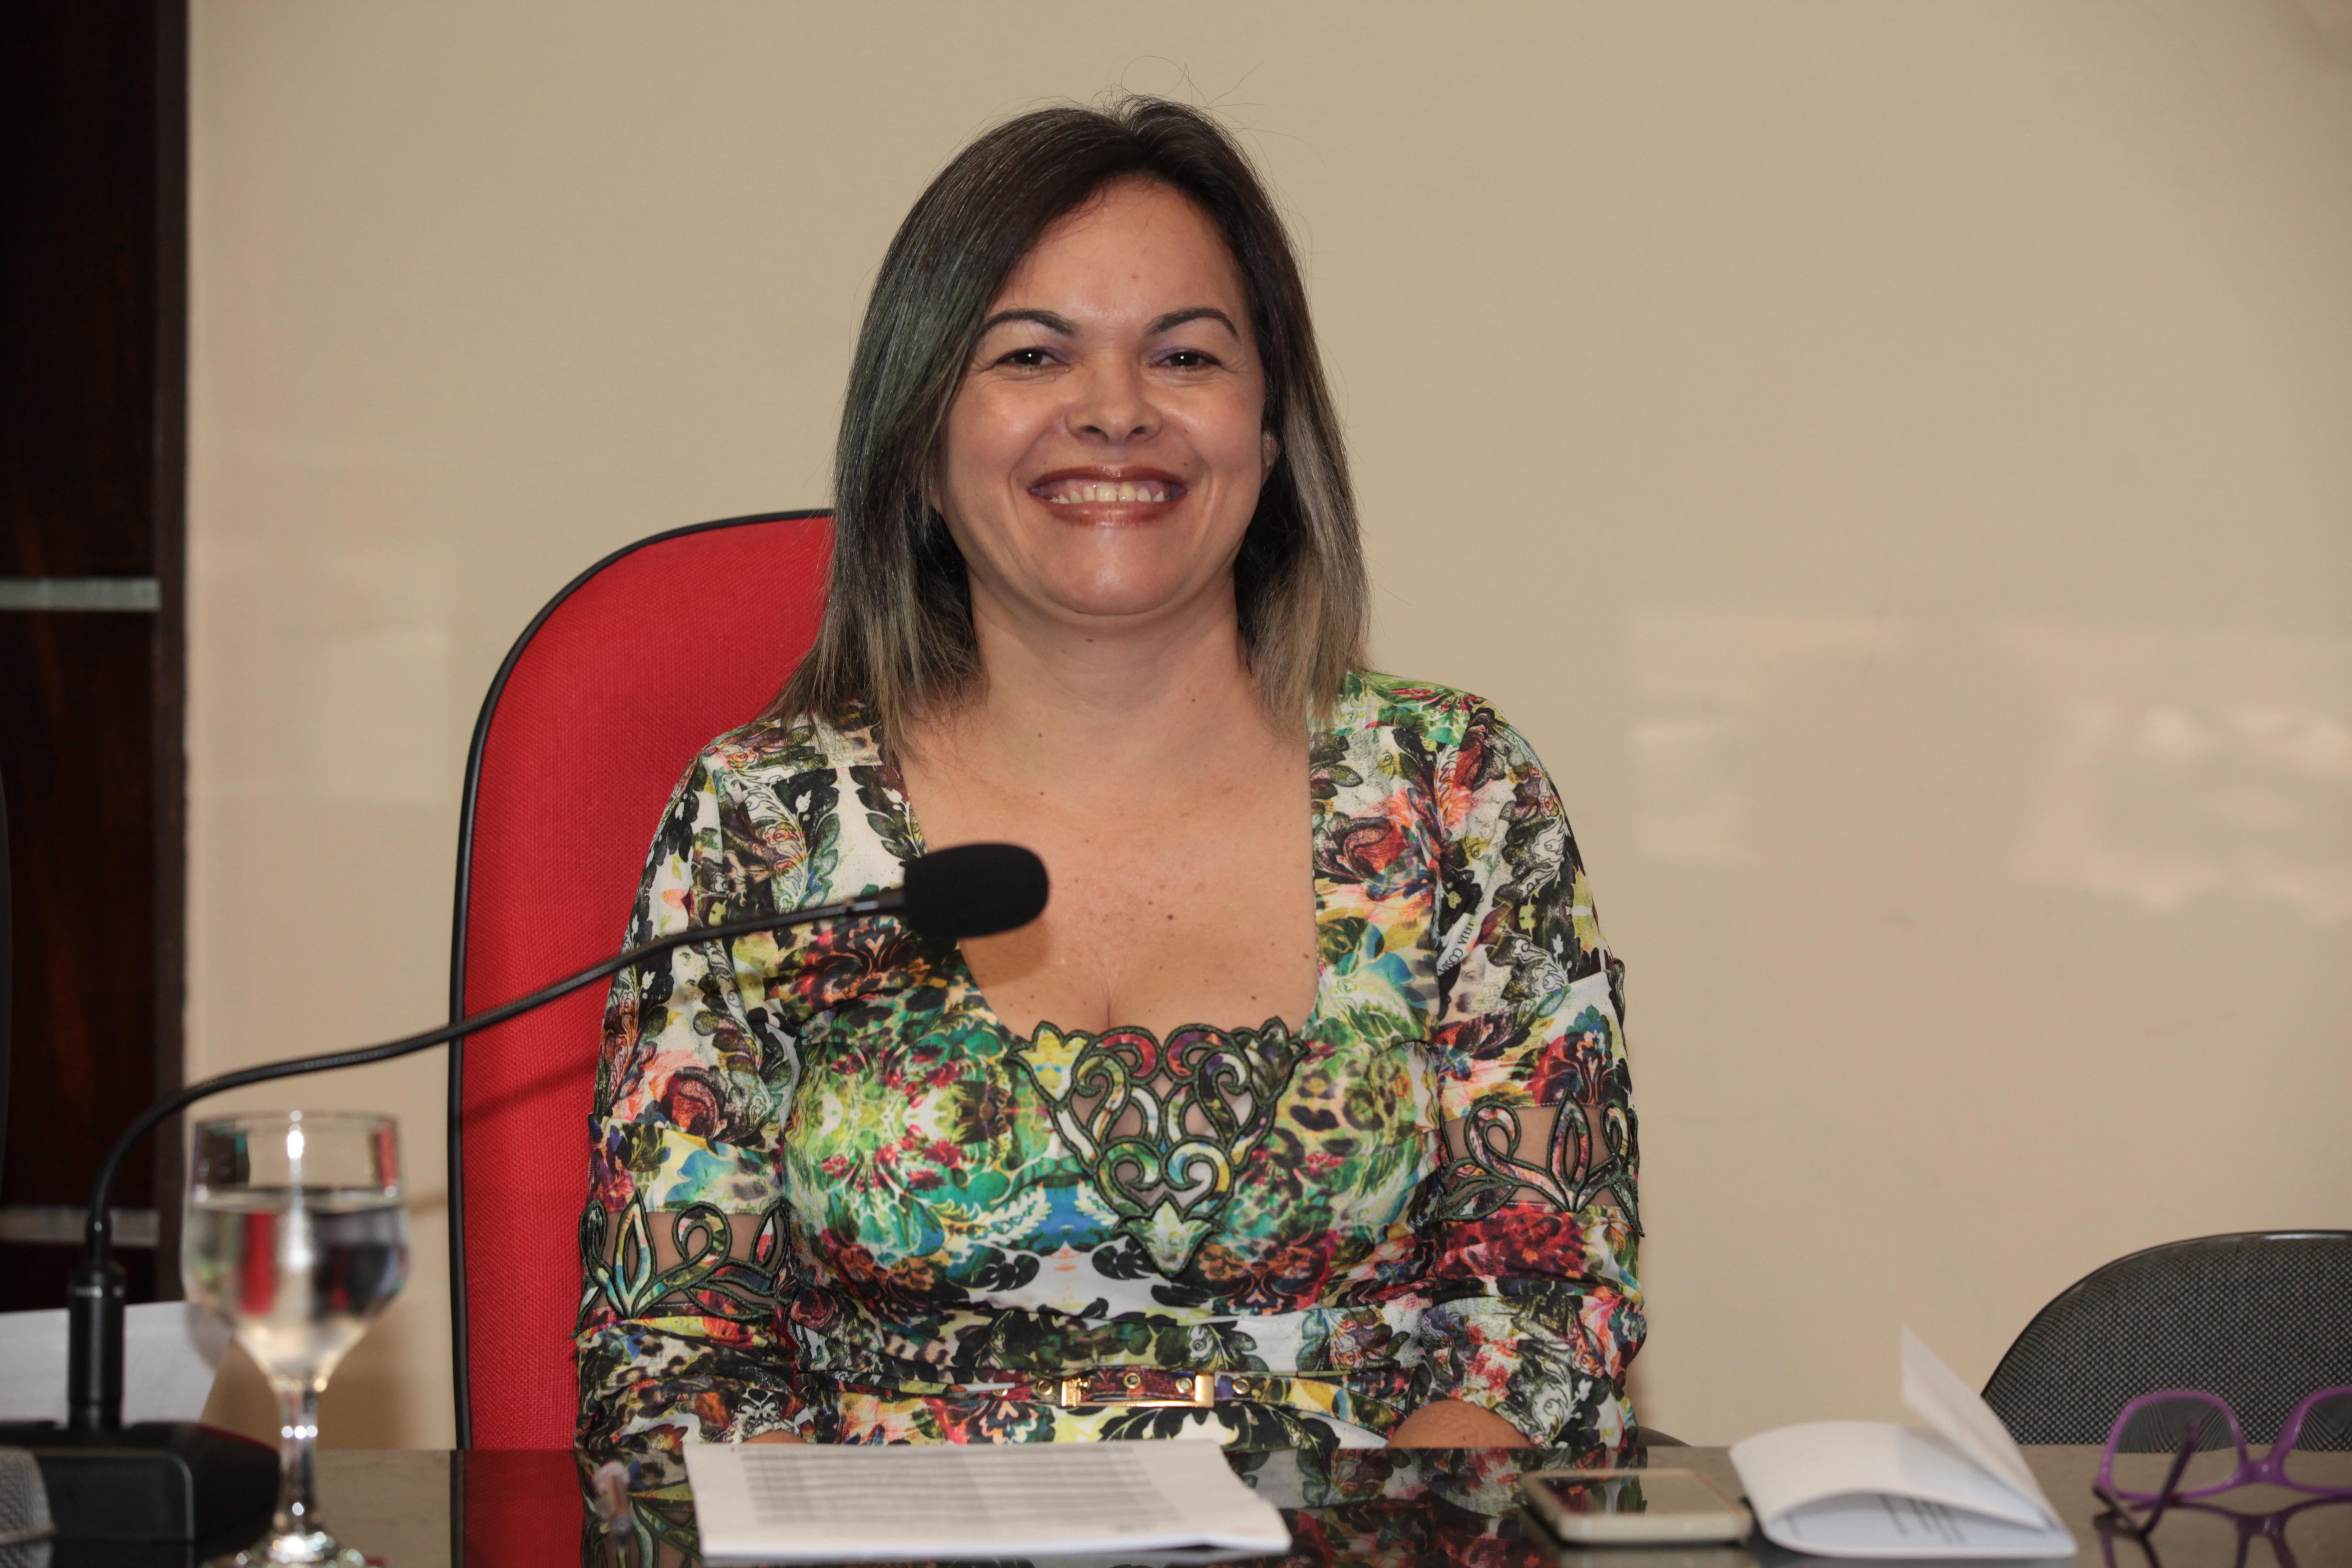 Vereadora Cira propõe reduzir carga horária de servidores que tenham filhos com necessidades especiais